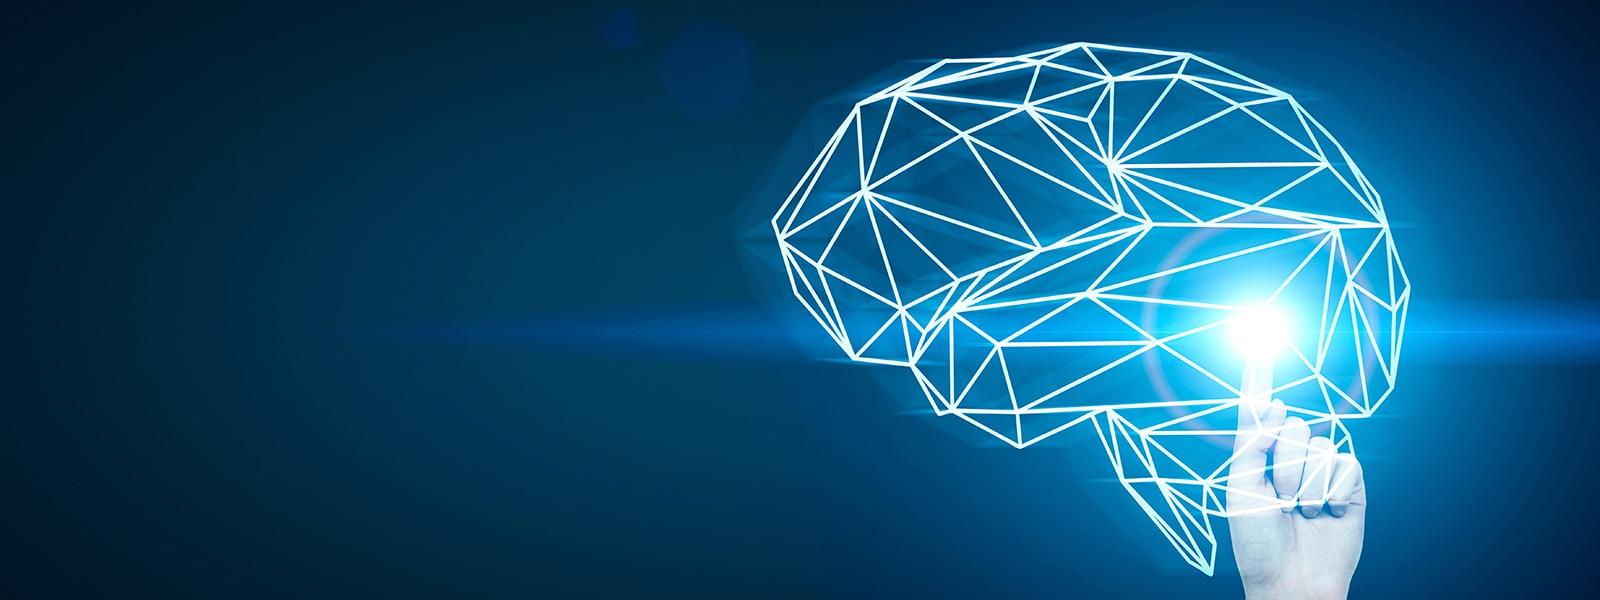 イメージ: 脳のトレーニング